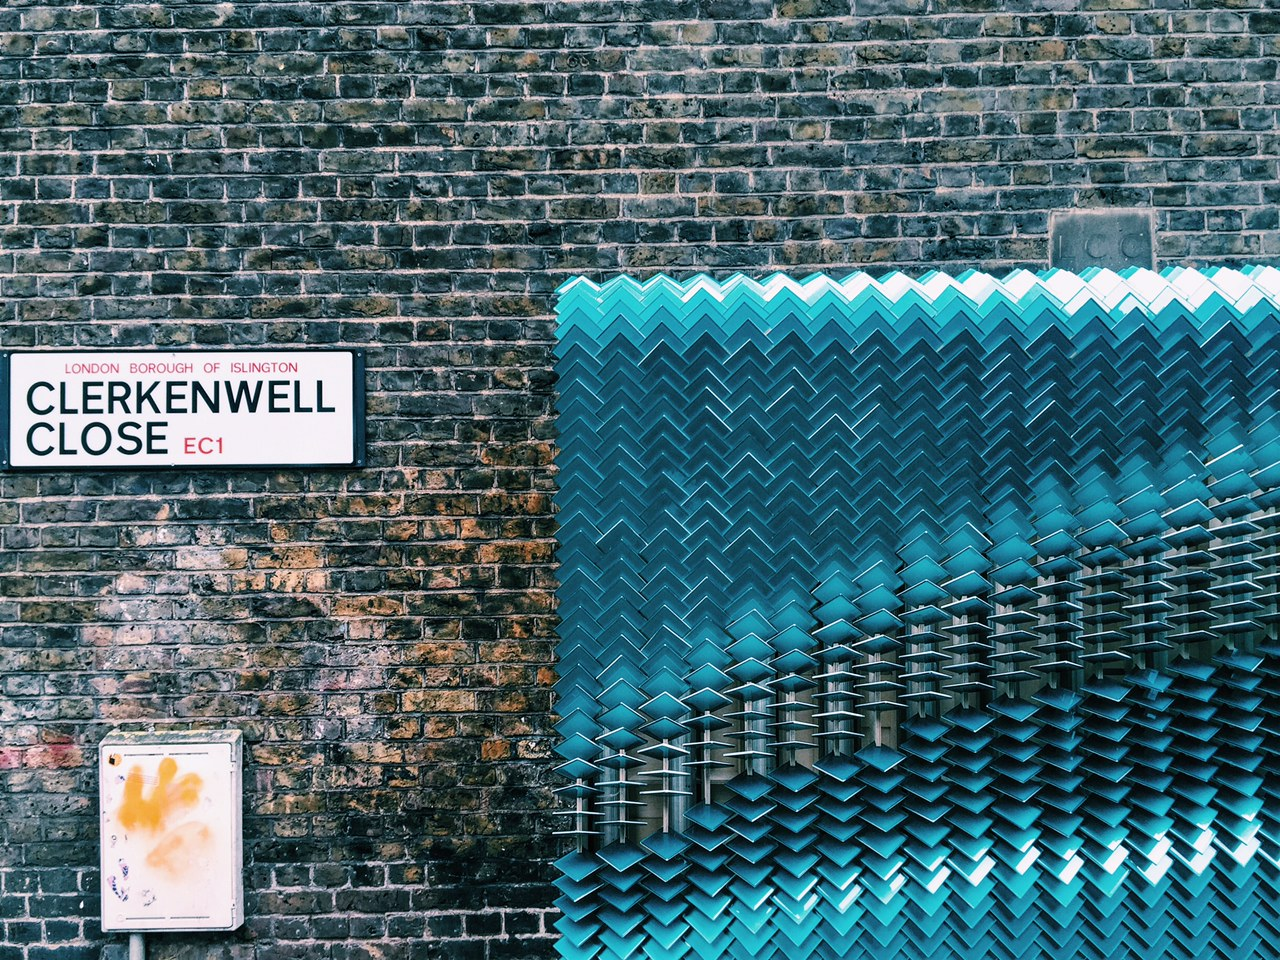 giles-miller-billboards-clerkenwell-02